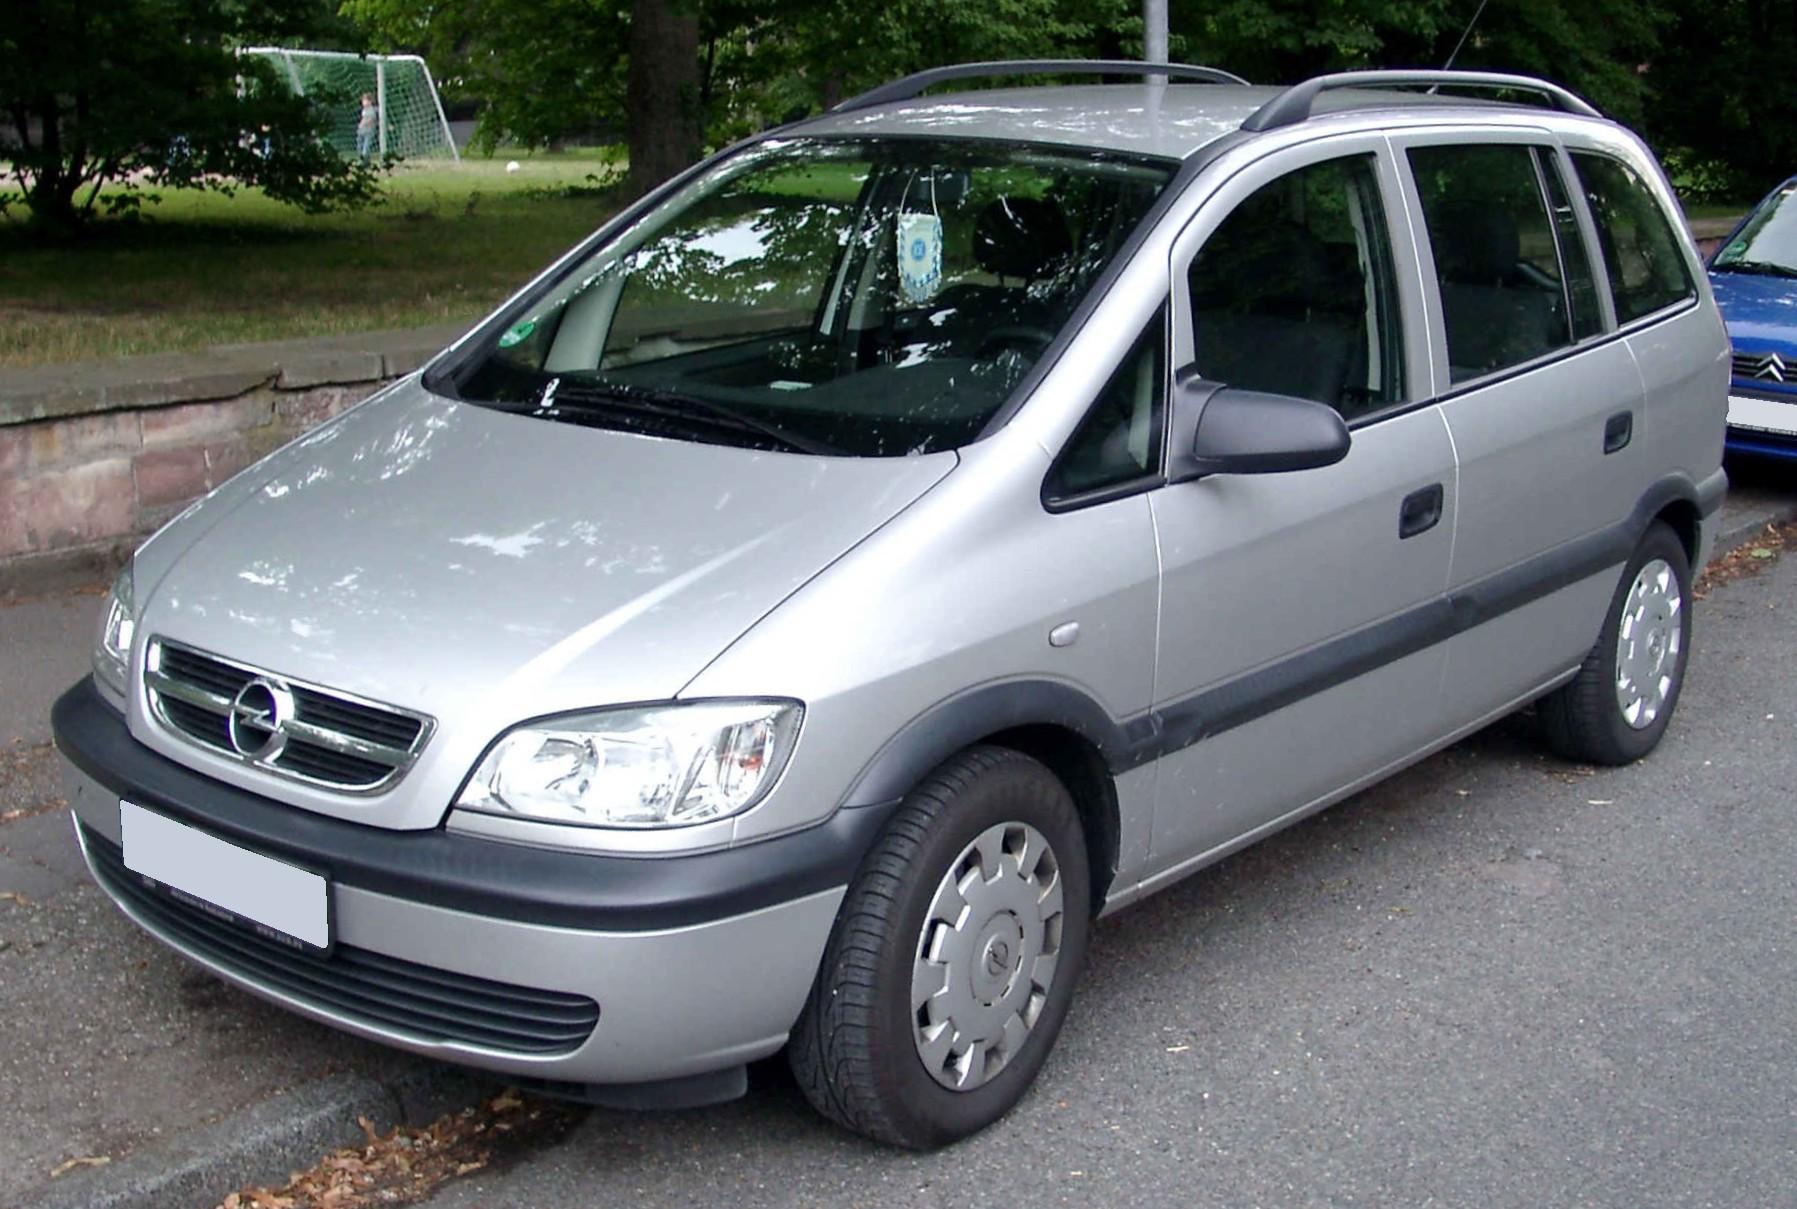 Chevrolet Zafira 2001 foto - 5